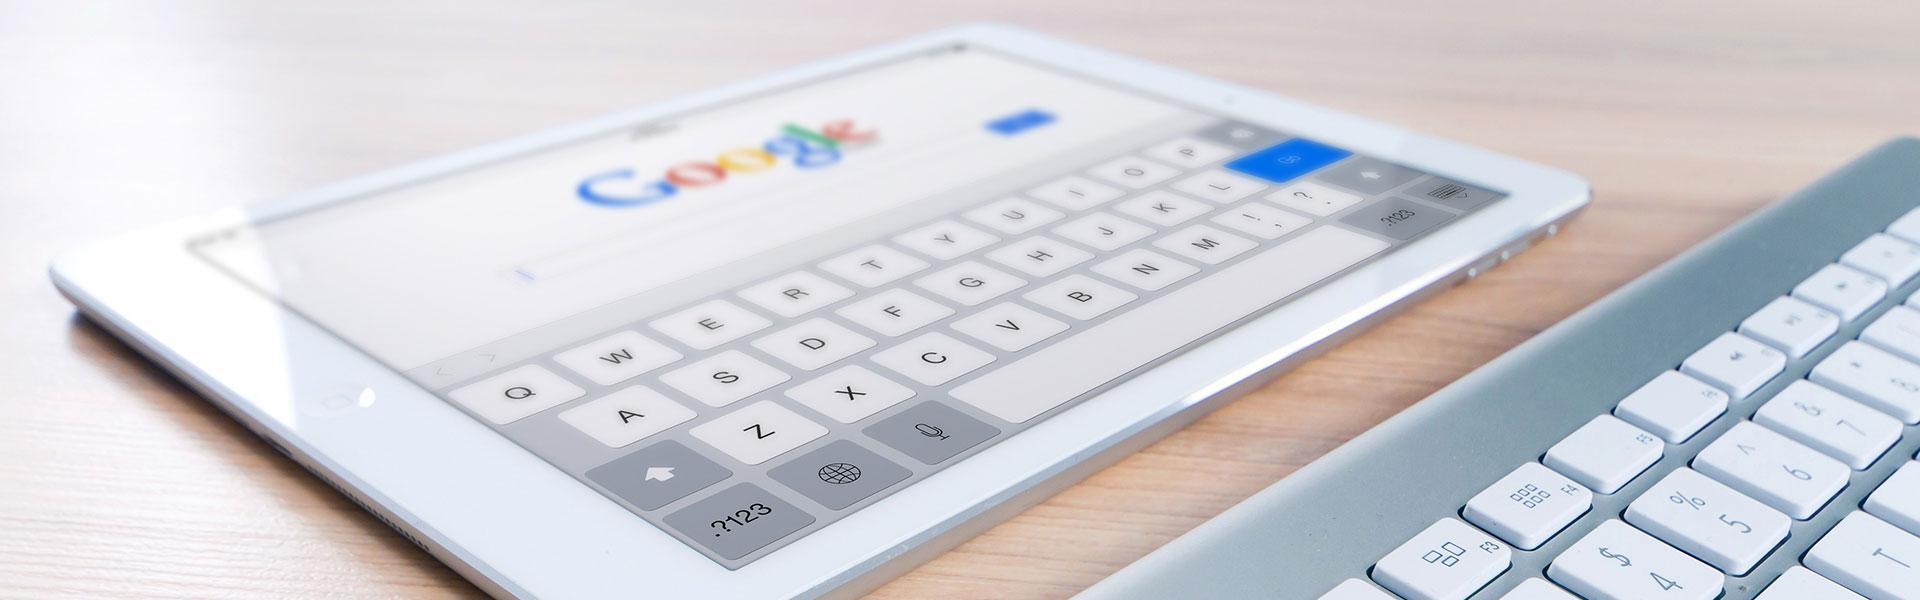 Hoe doe ik een goed zoekwoordenonderzoek met Google?